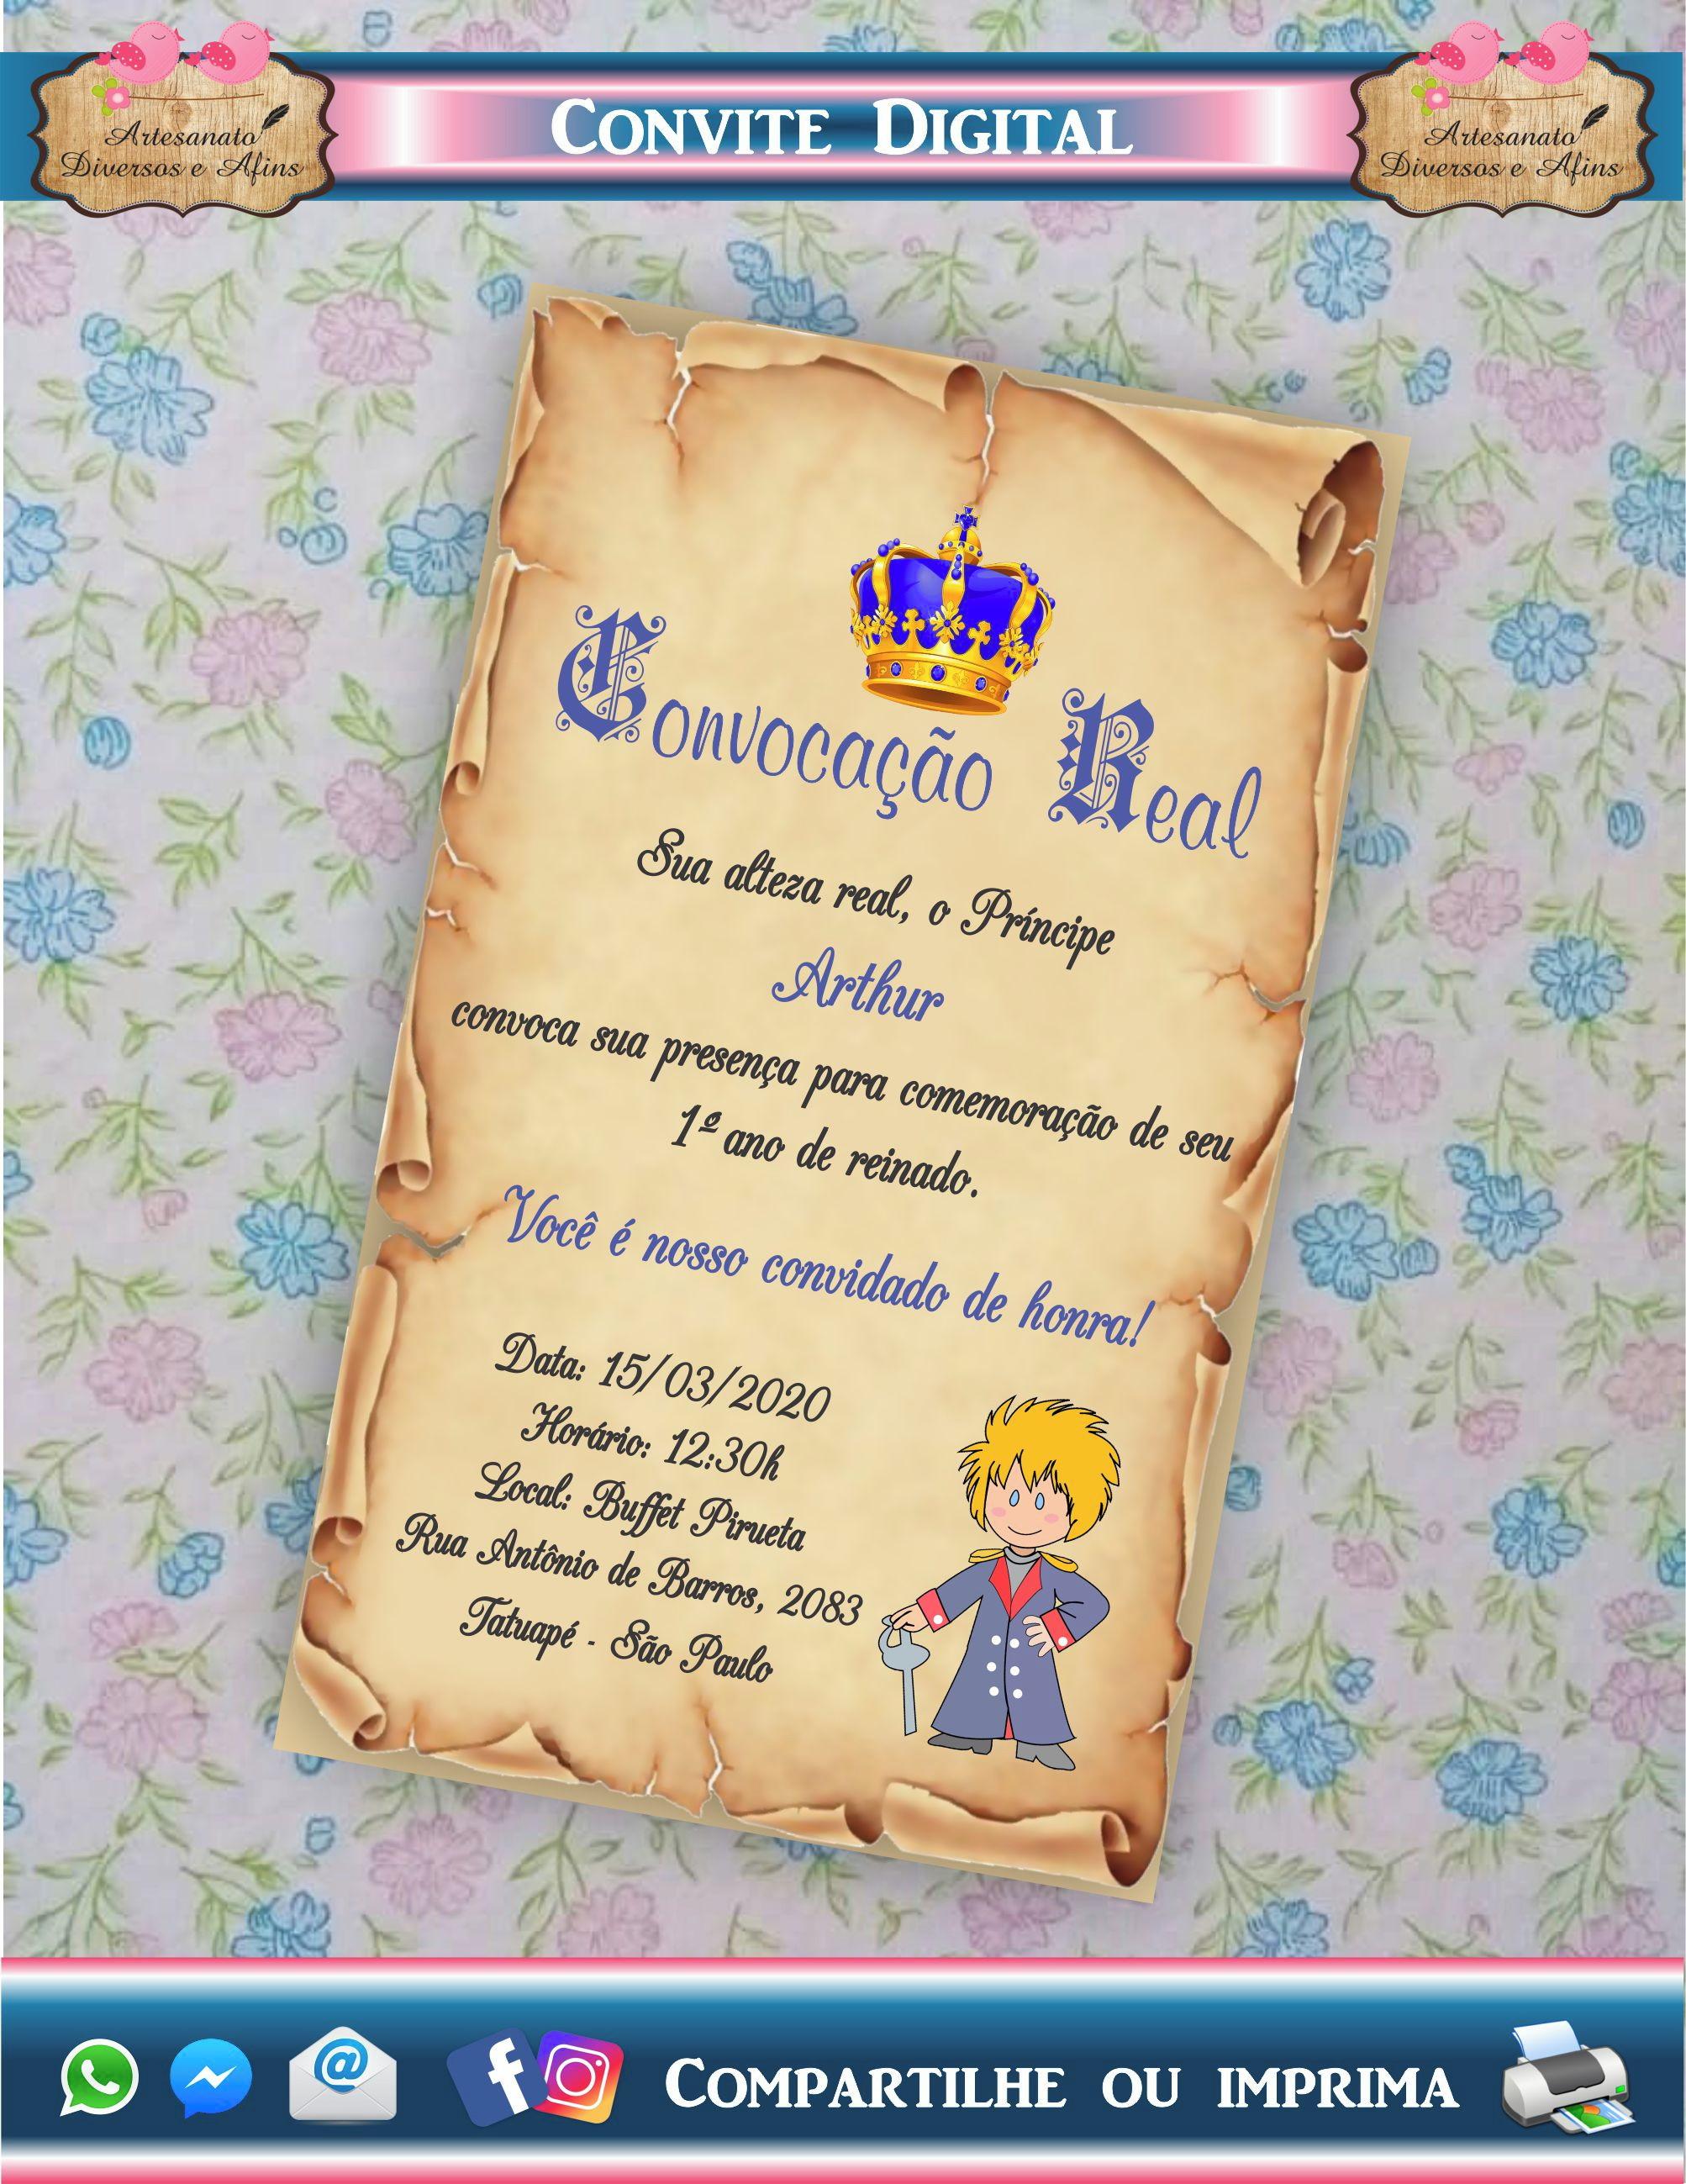 Convite Digital Aniversário Pergaminho Pequeno Príncipe no Elo7 |  Artesanato Diversos e Afins (11BF80B)